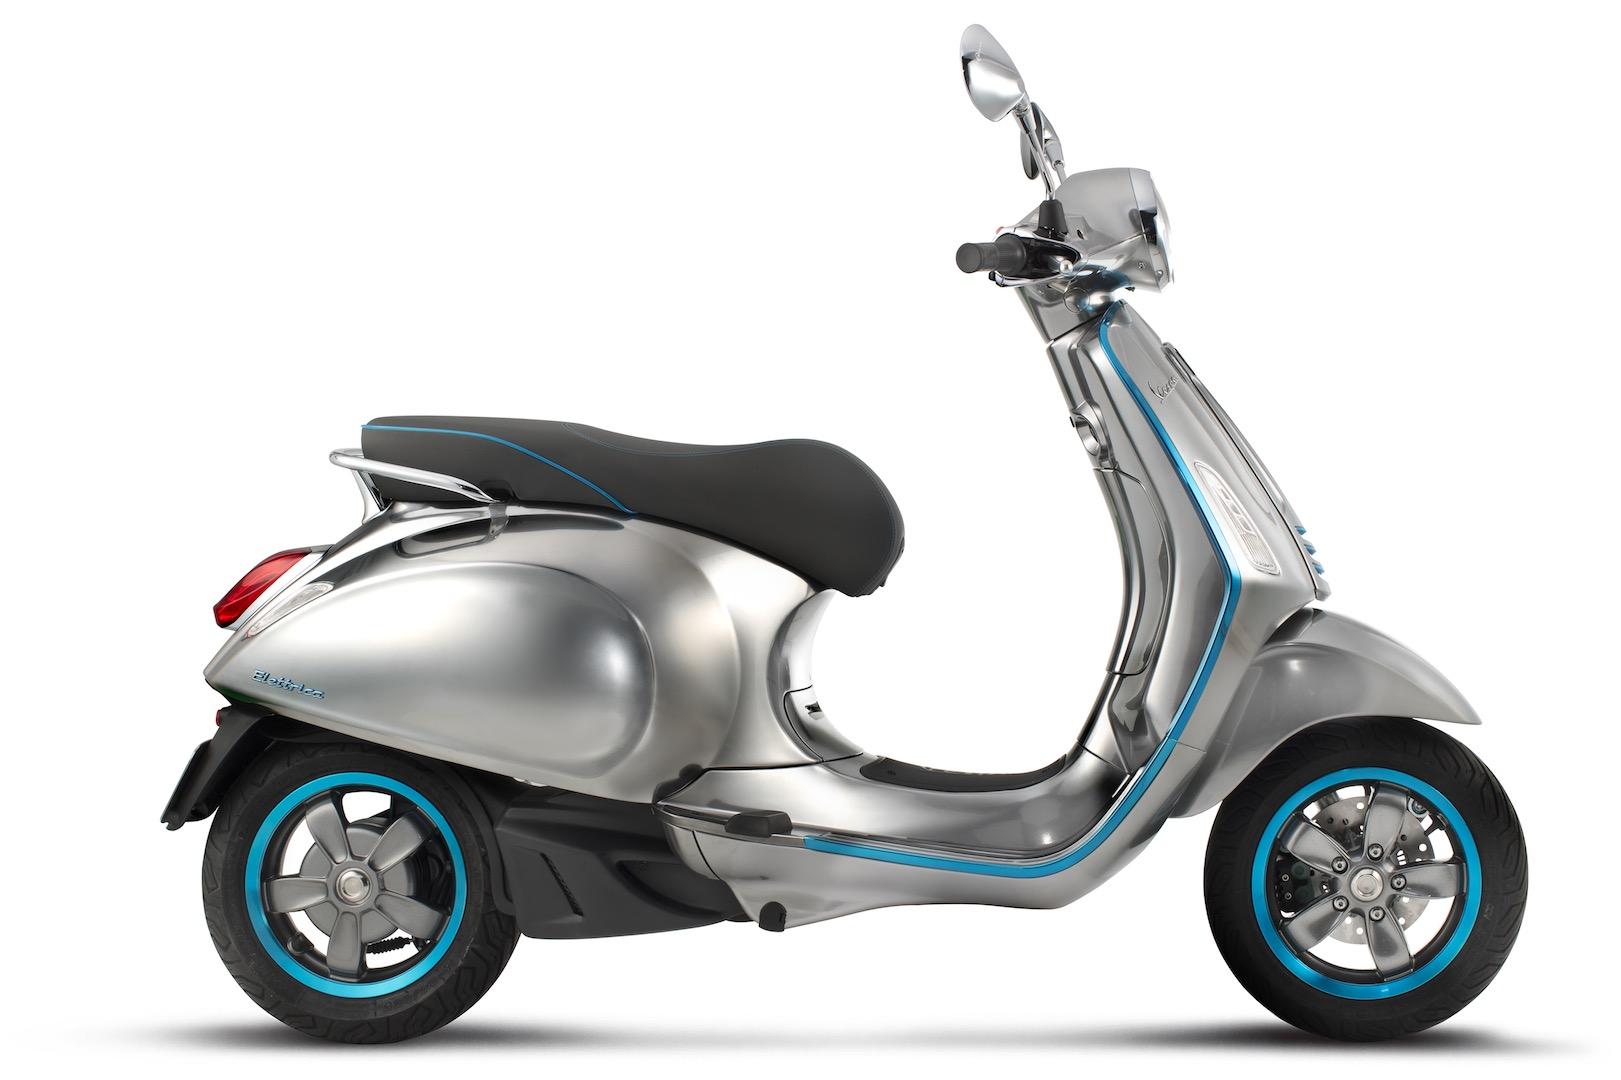 Vespa Elettrica Electric Scooter   2016 EICMA Debut